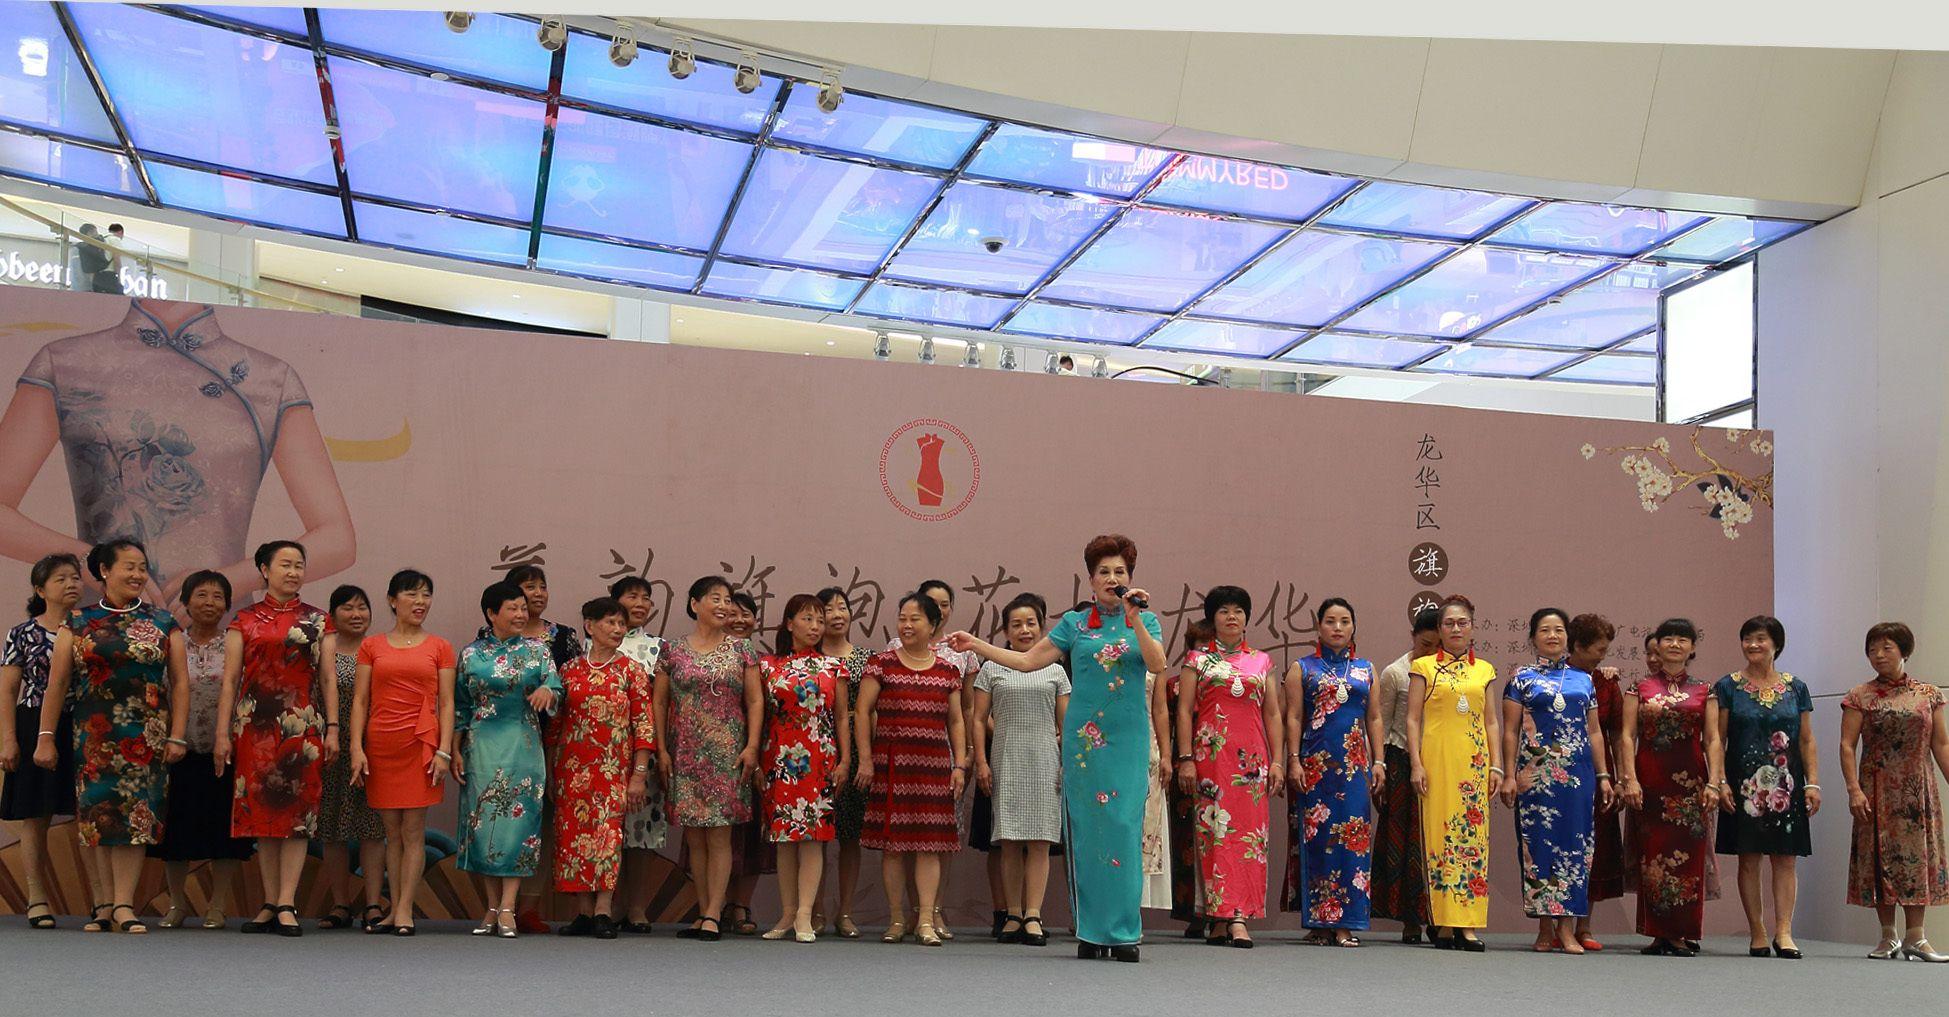 龙华区文化广电旅游体育局主办旗袍文化进社区活动走进星河iCO